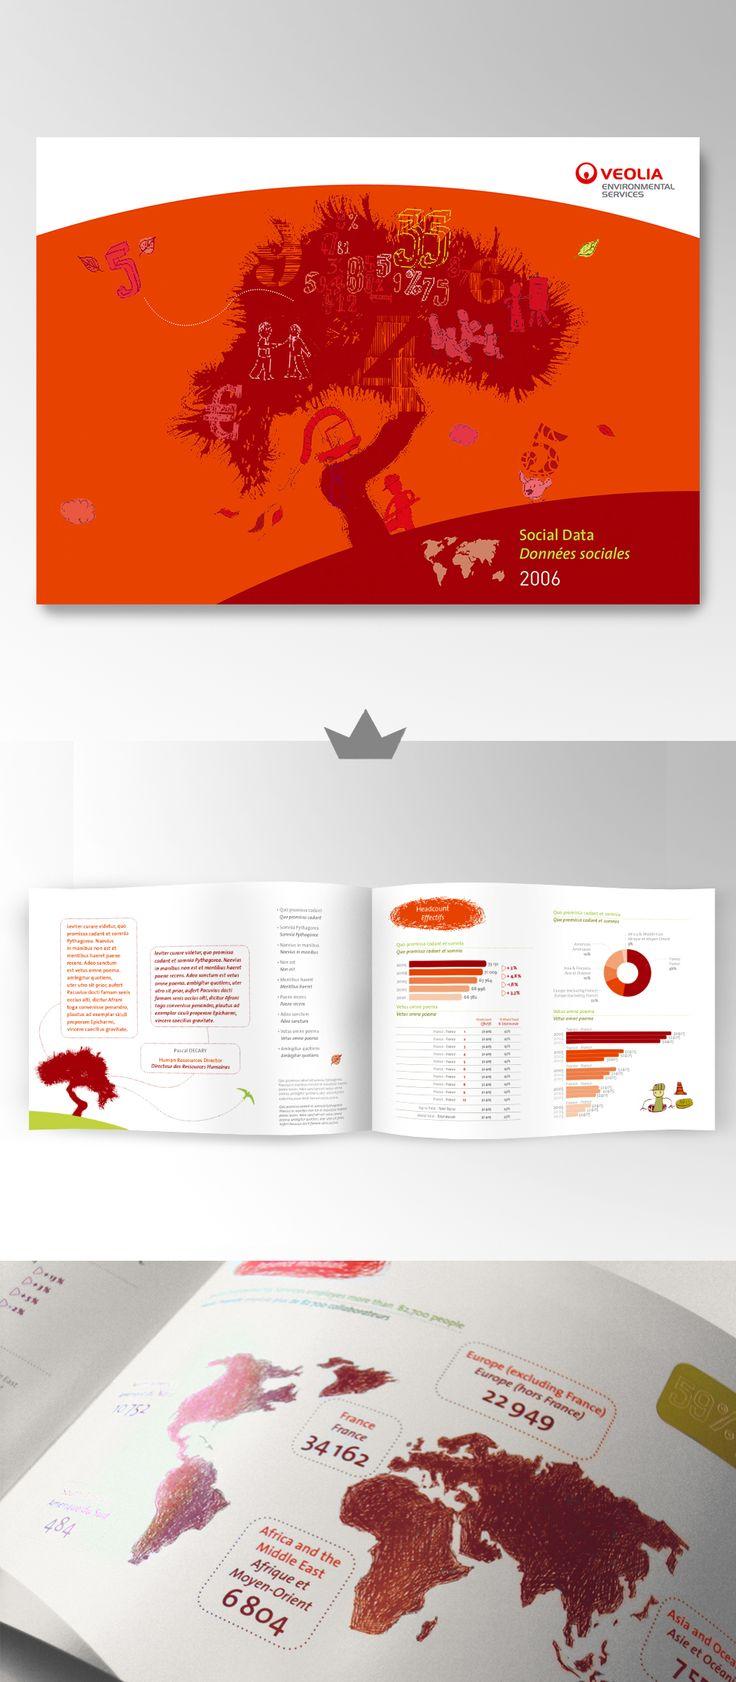 VEOLIA - Rapport annuel 2006  (Données sociales - monde)